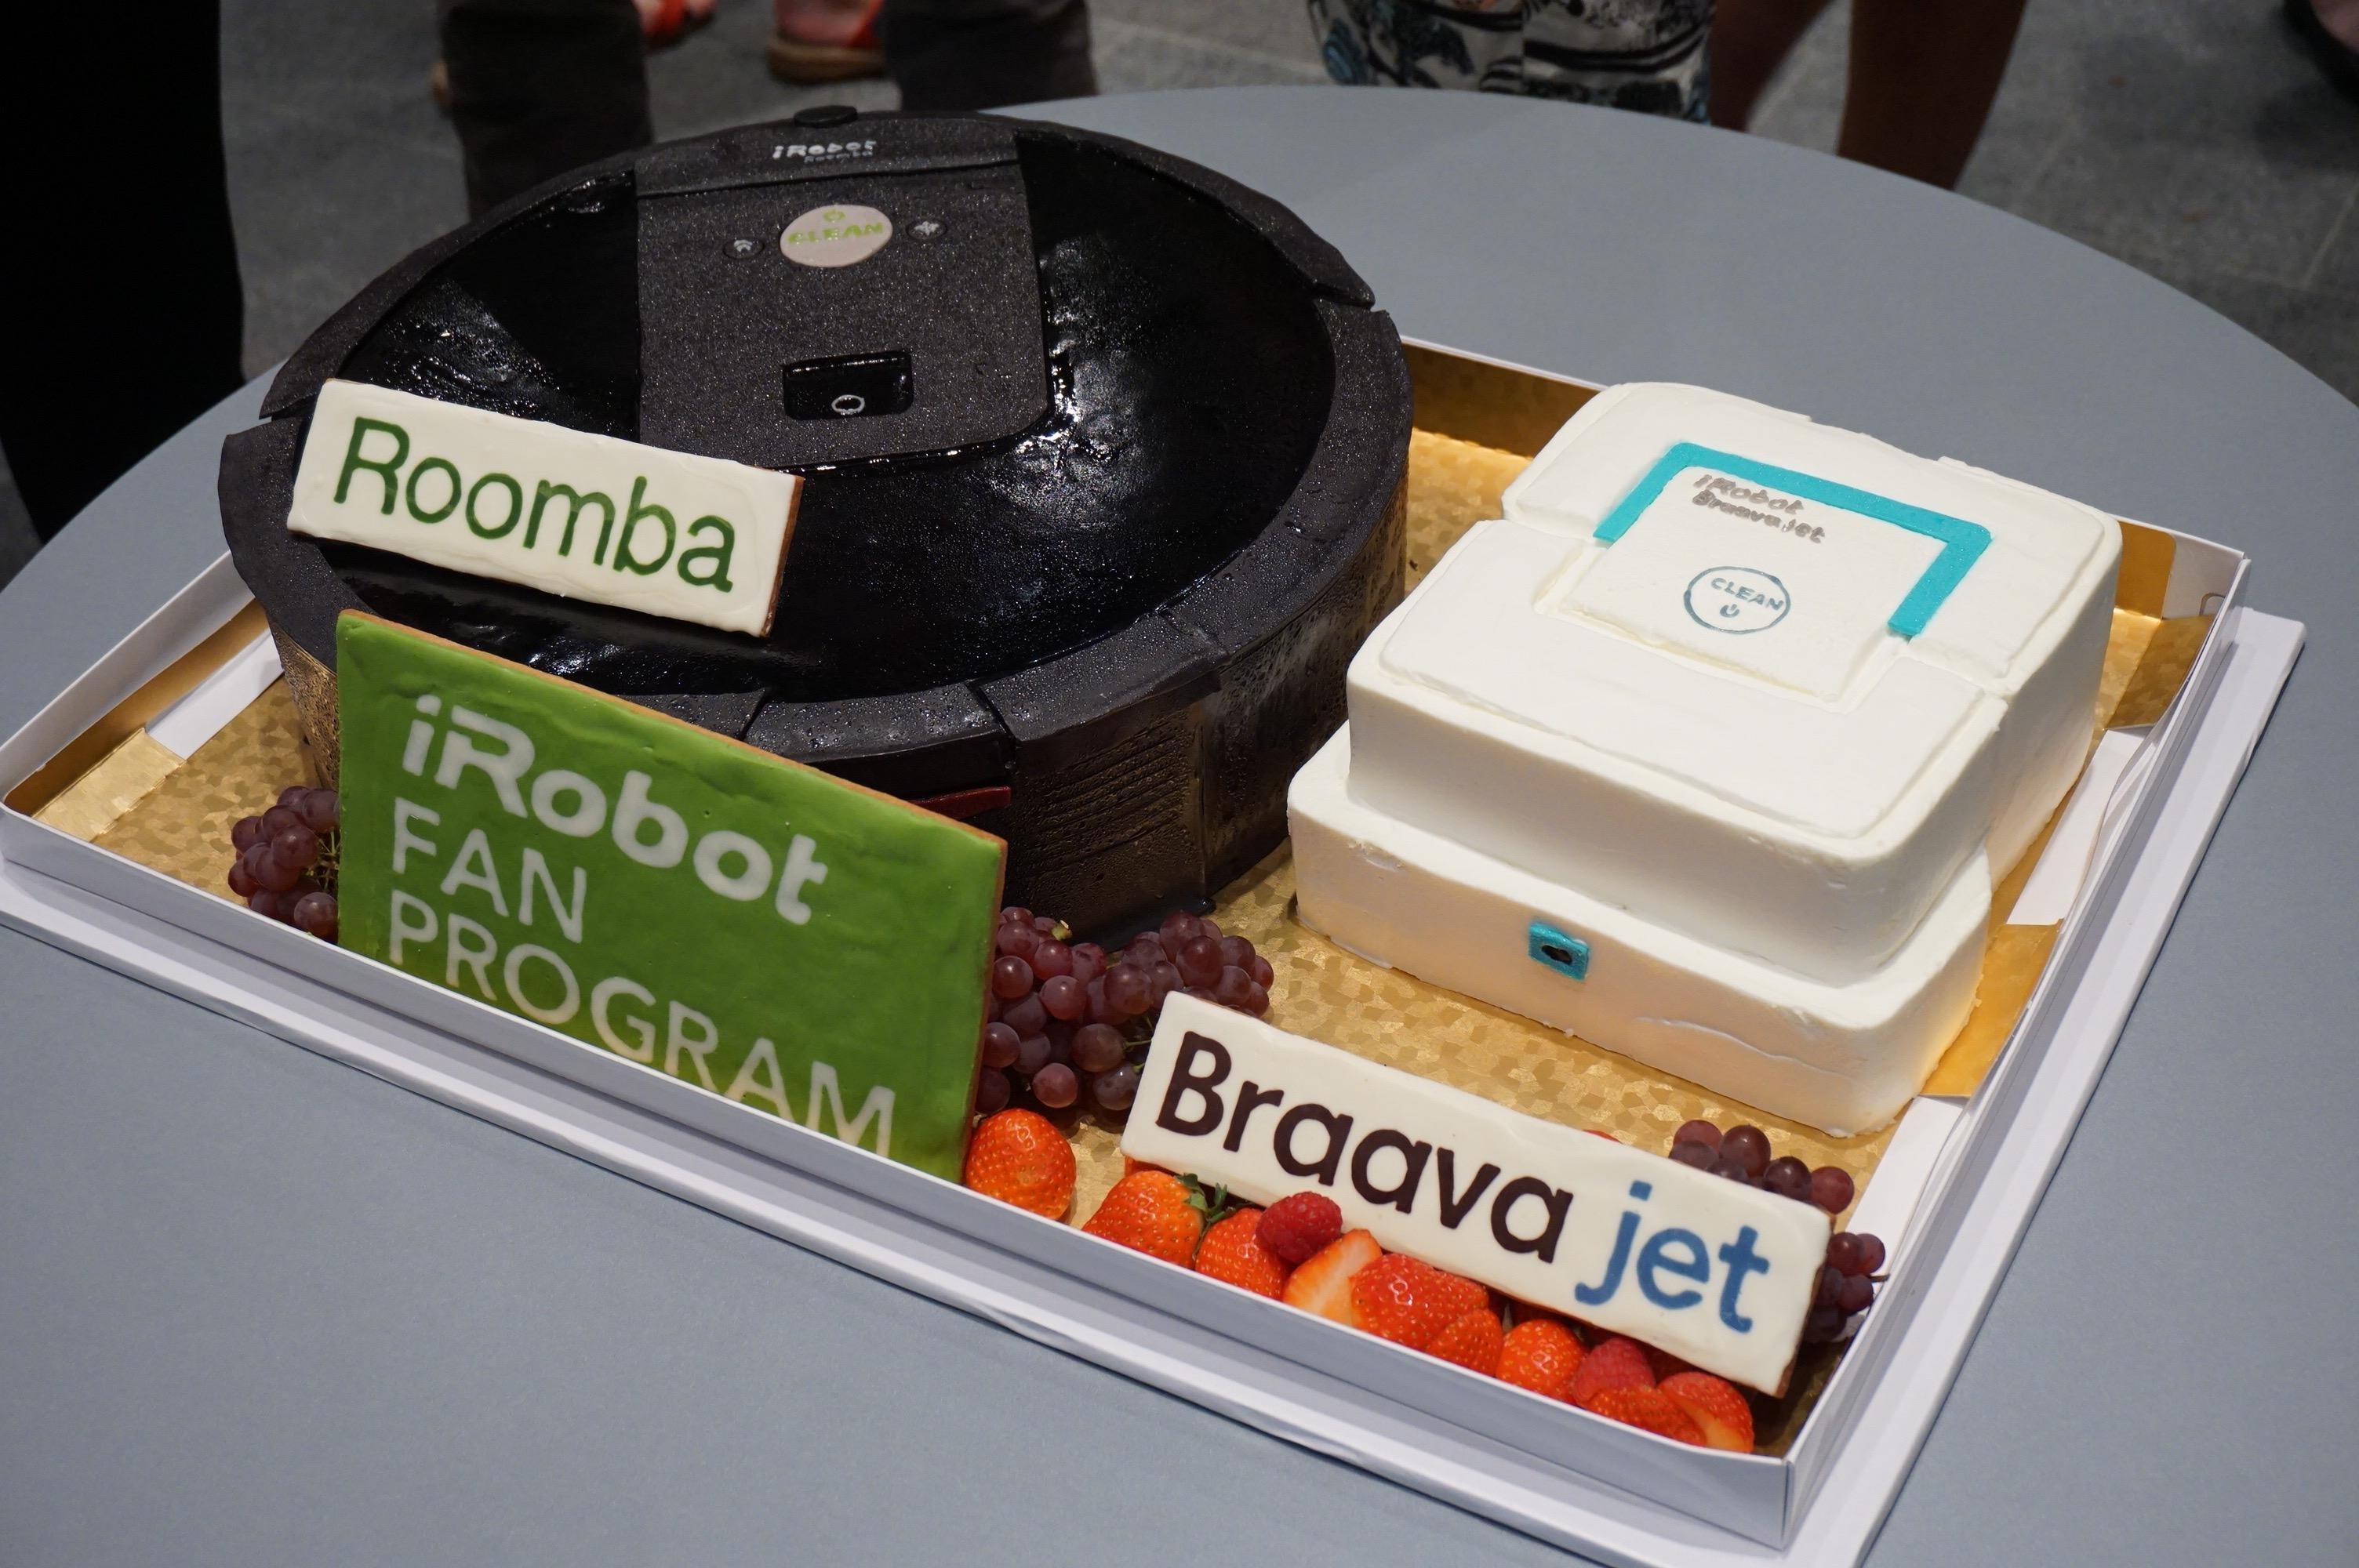 irobot080407